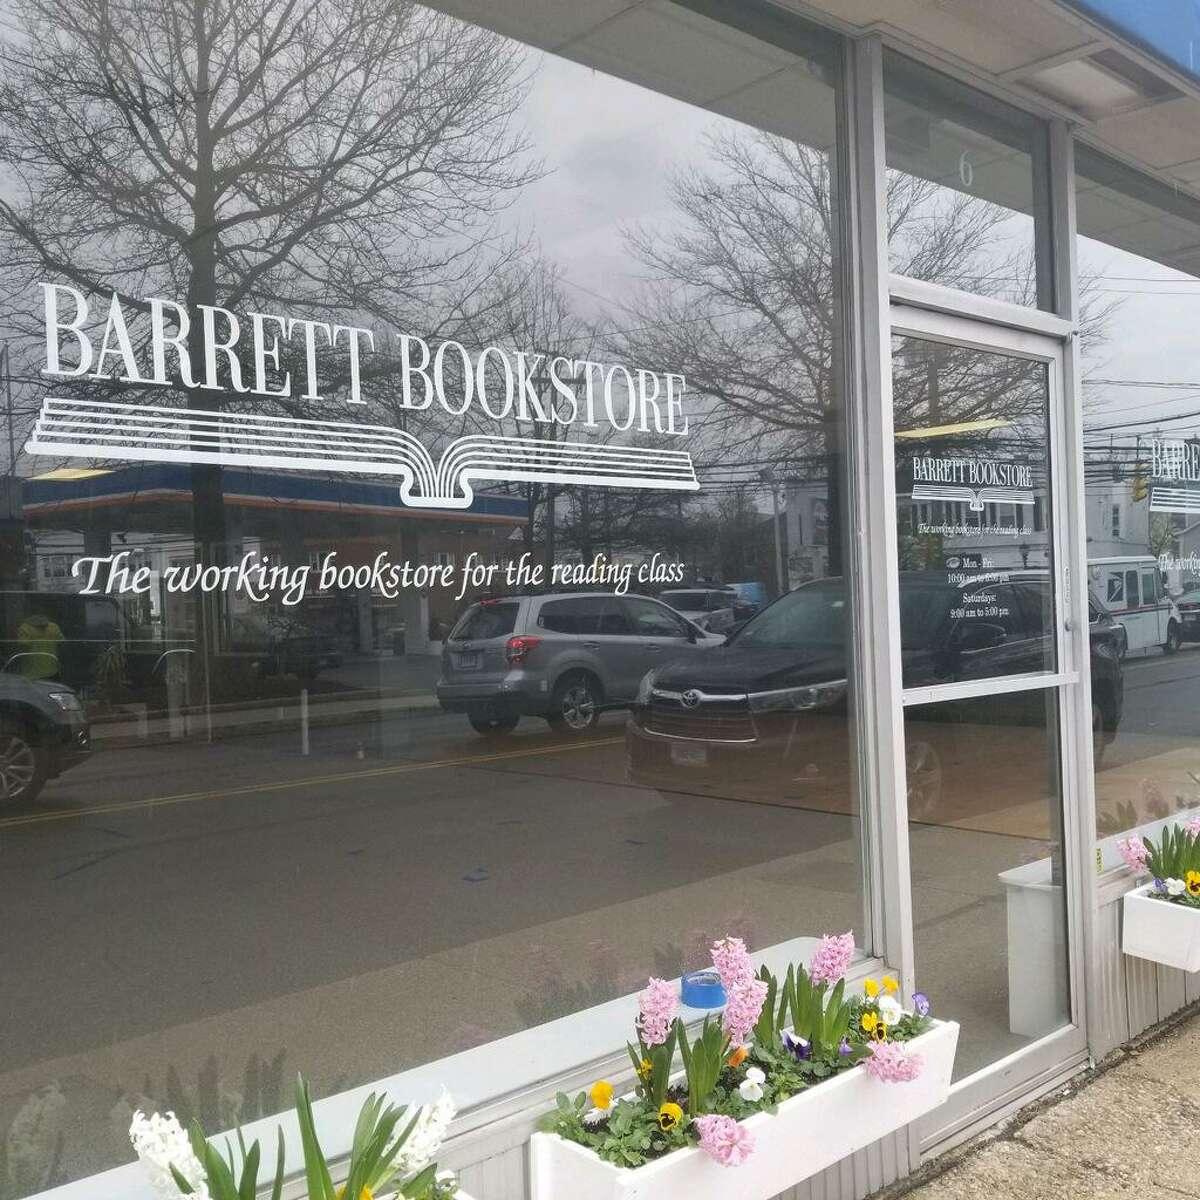 Barrett Bookstore is moving to 6 Corbin Drive in Darien.